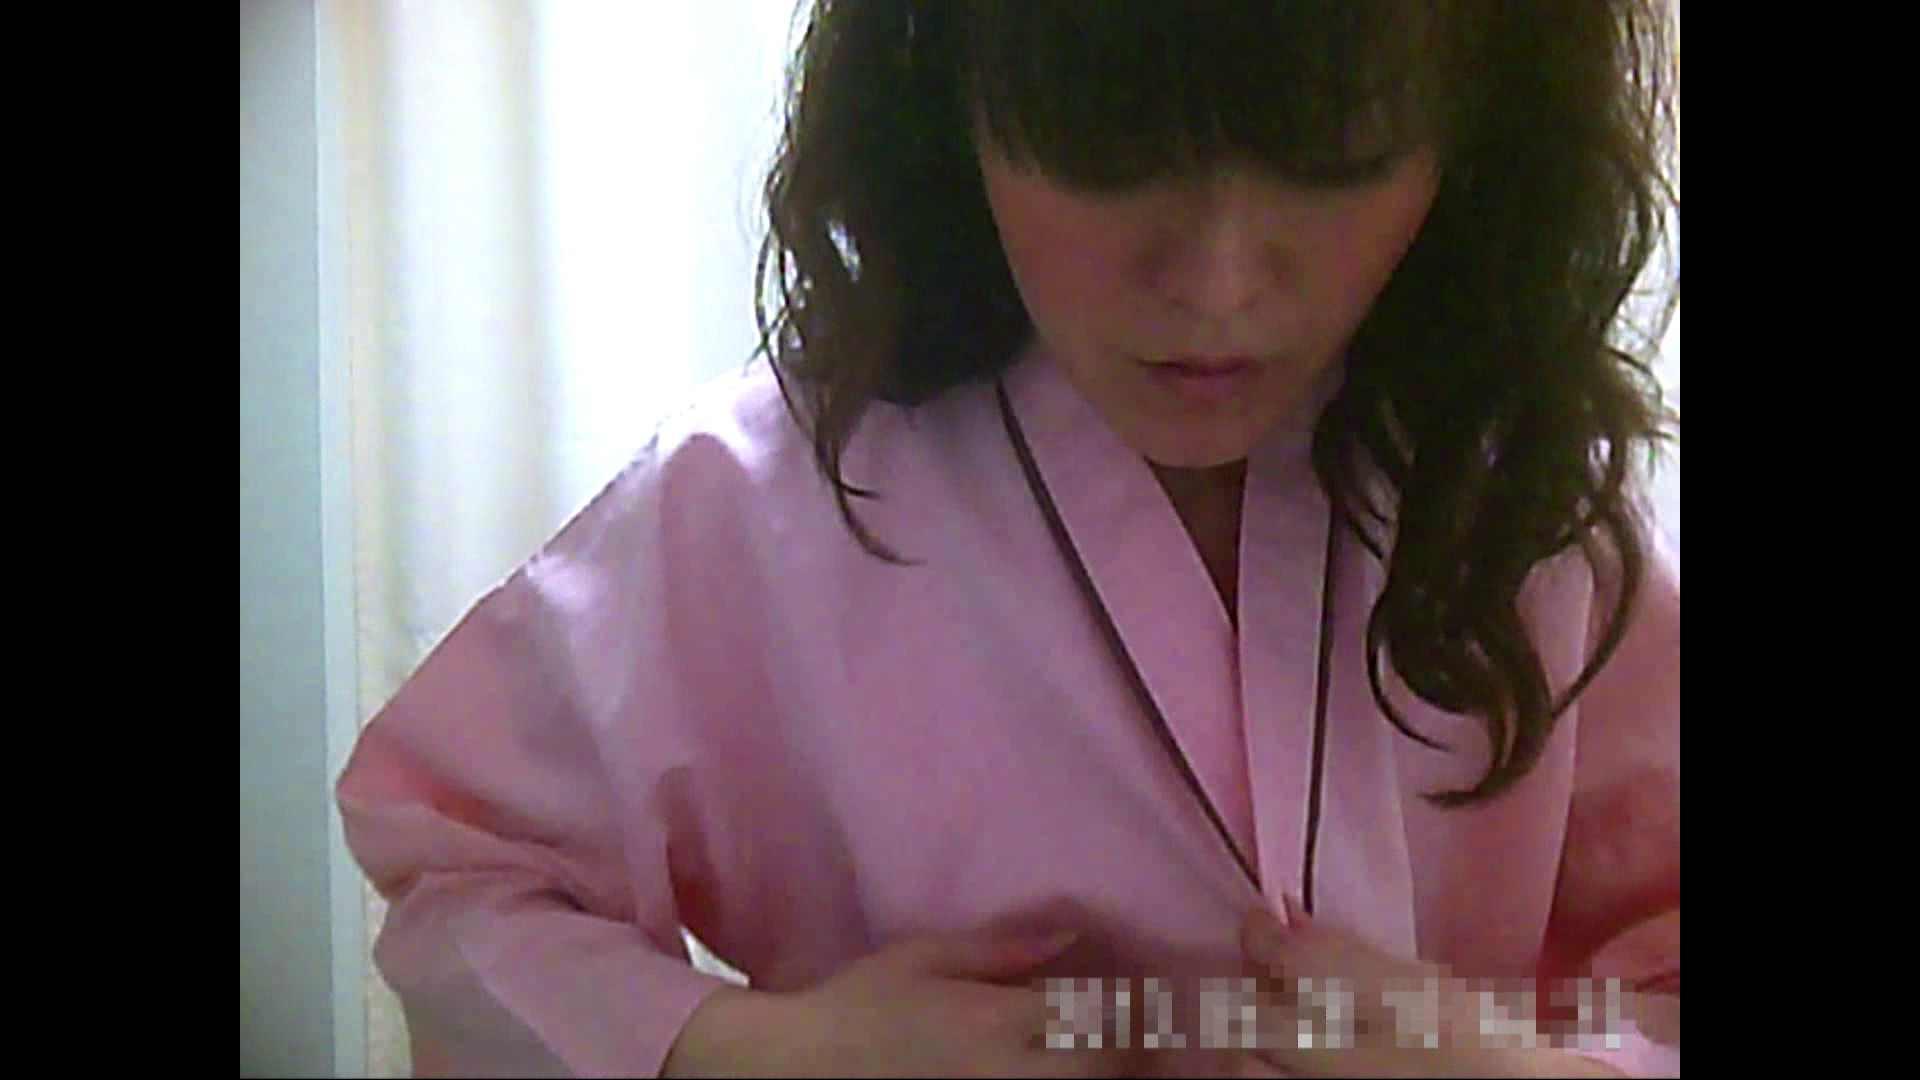 病院おもいっきり着替え! vol.253 巨乳 おめこ無修正画像 94PIX 82